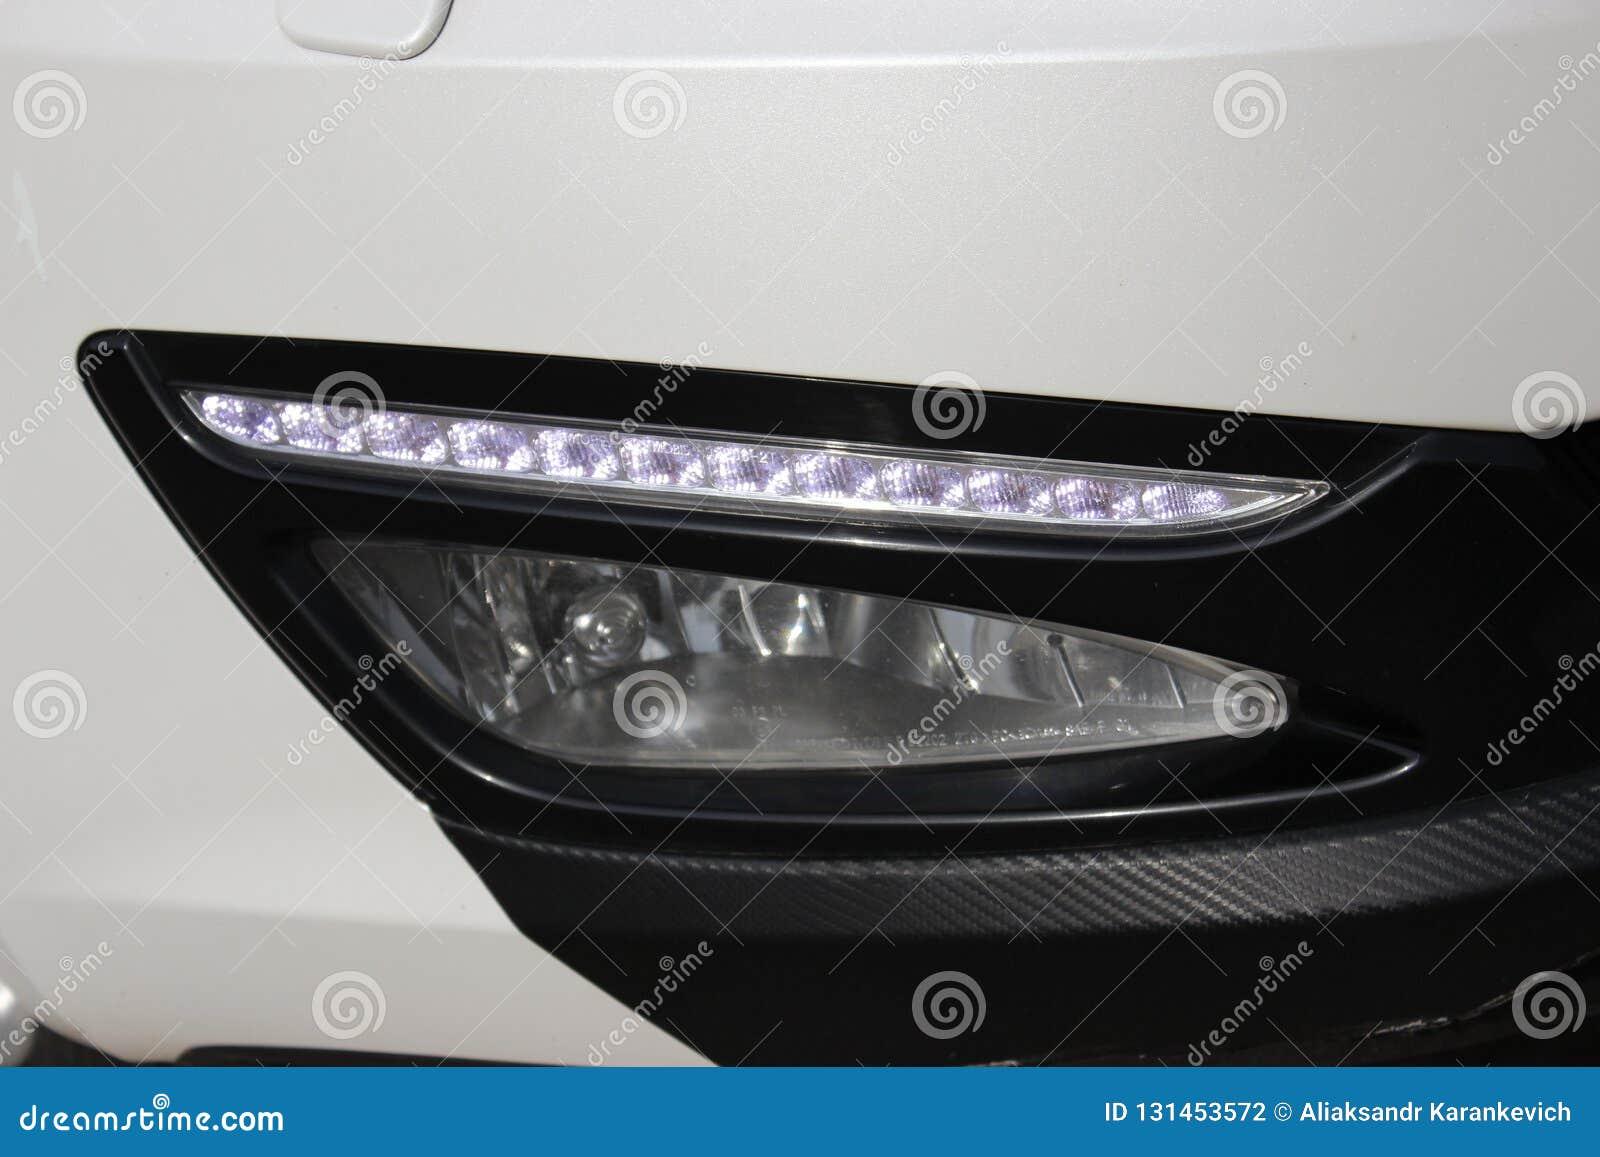 Pieza blanca del coche, linterna del coche luces diarias blancas llevadas